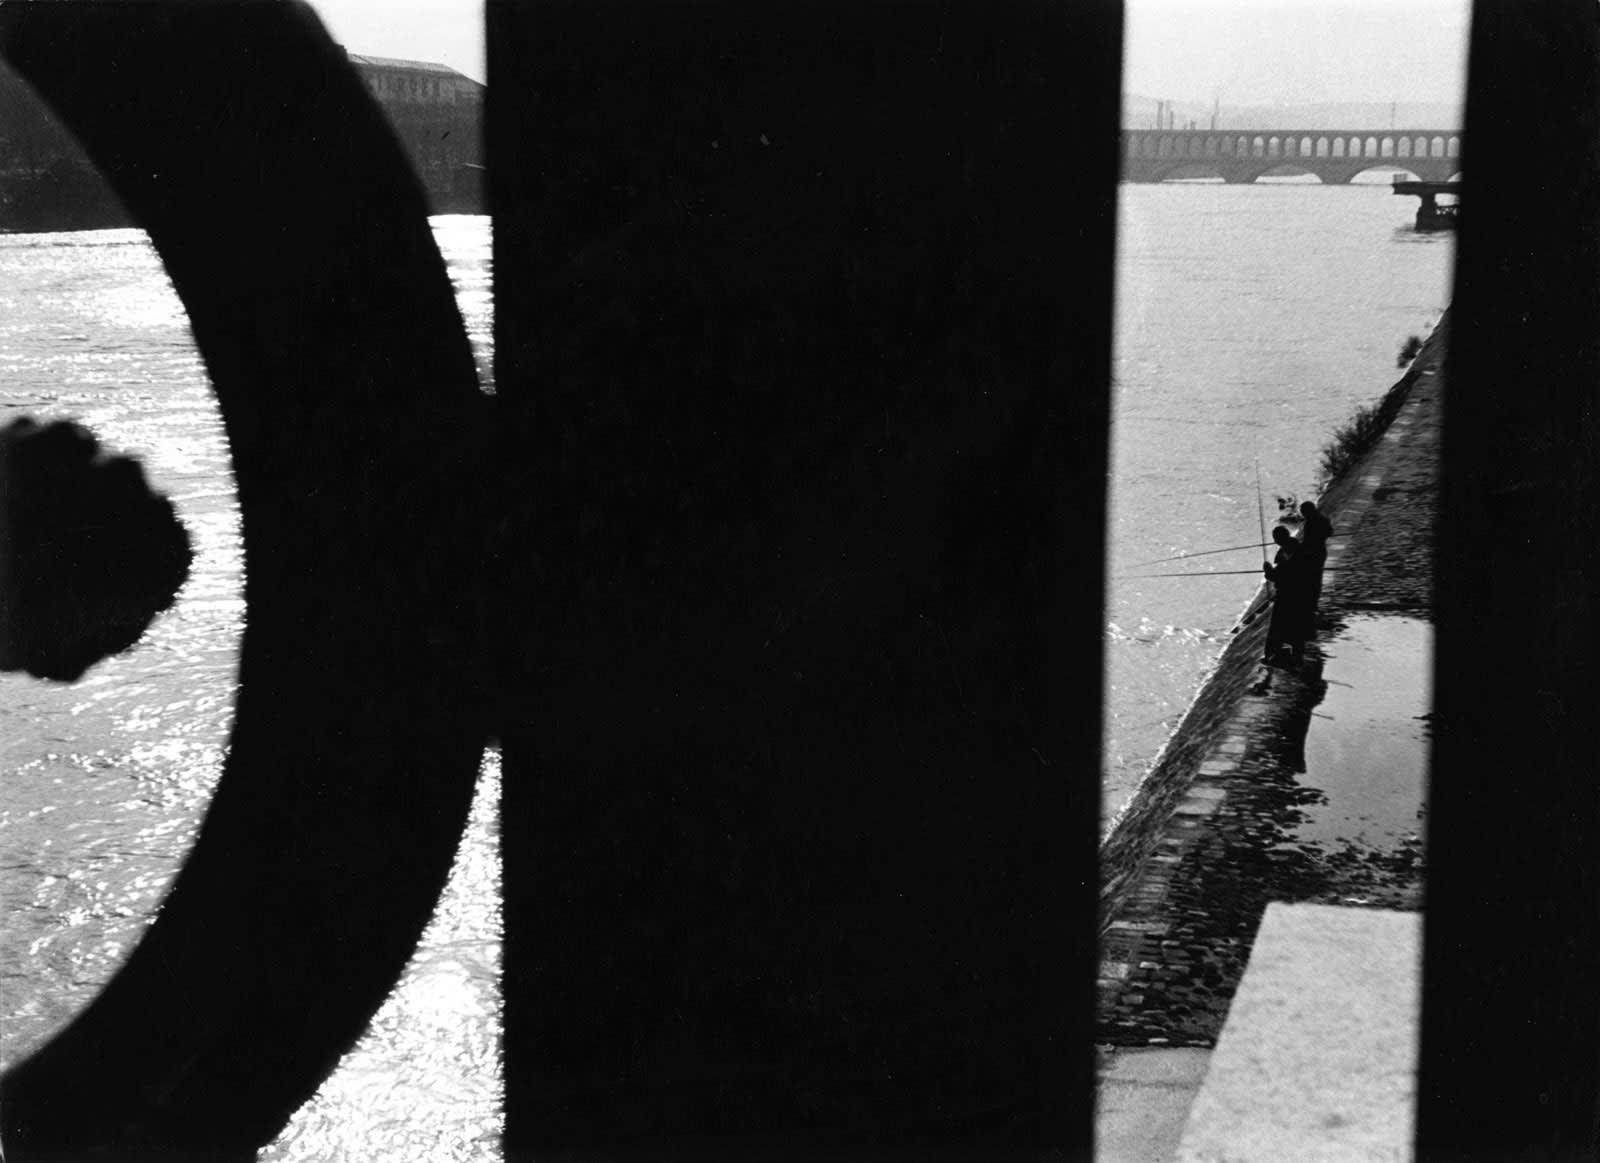 Sabine Weiss, Bords de Seine, 1951